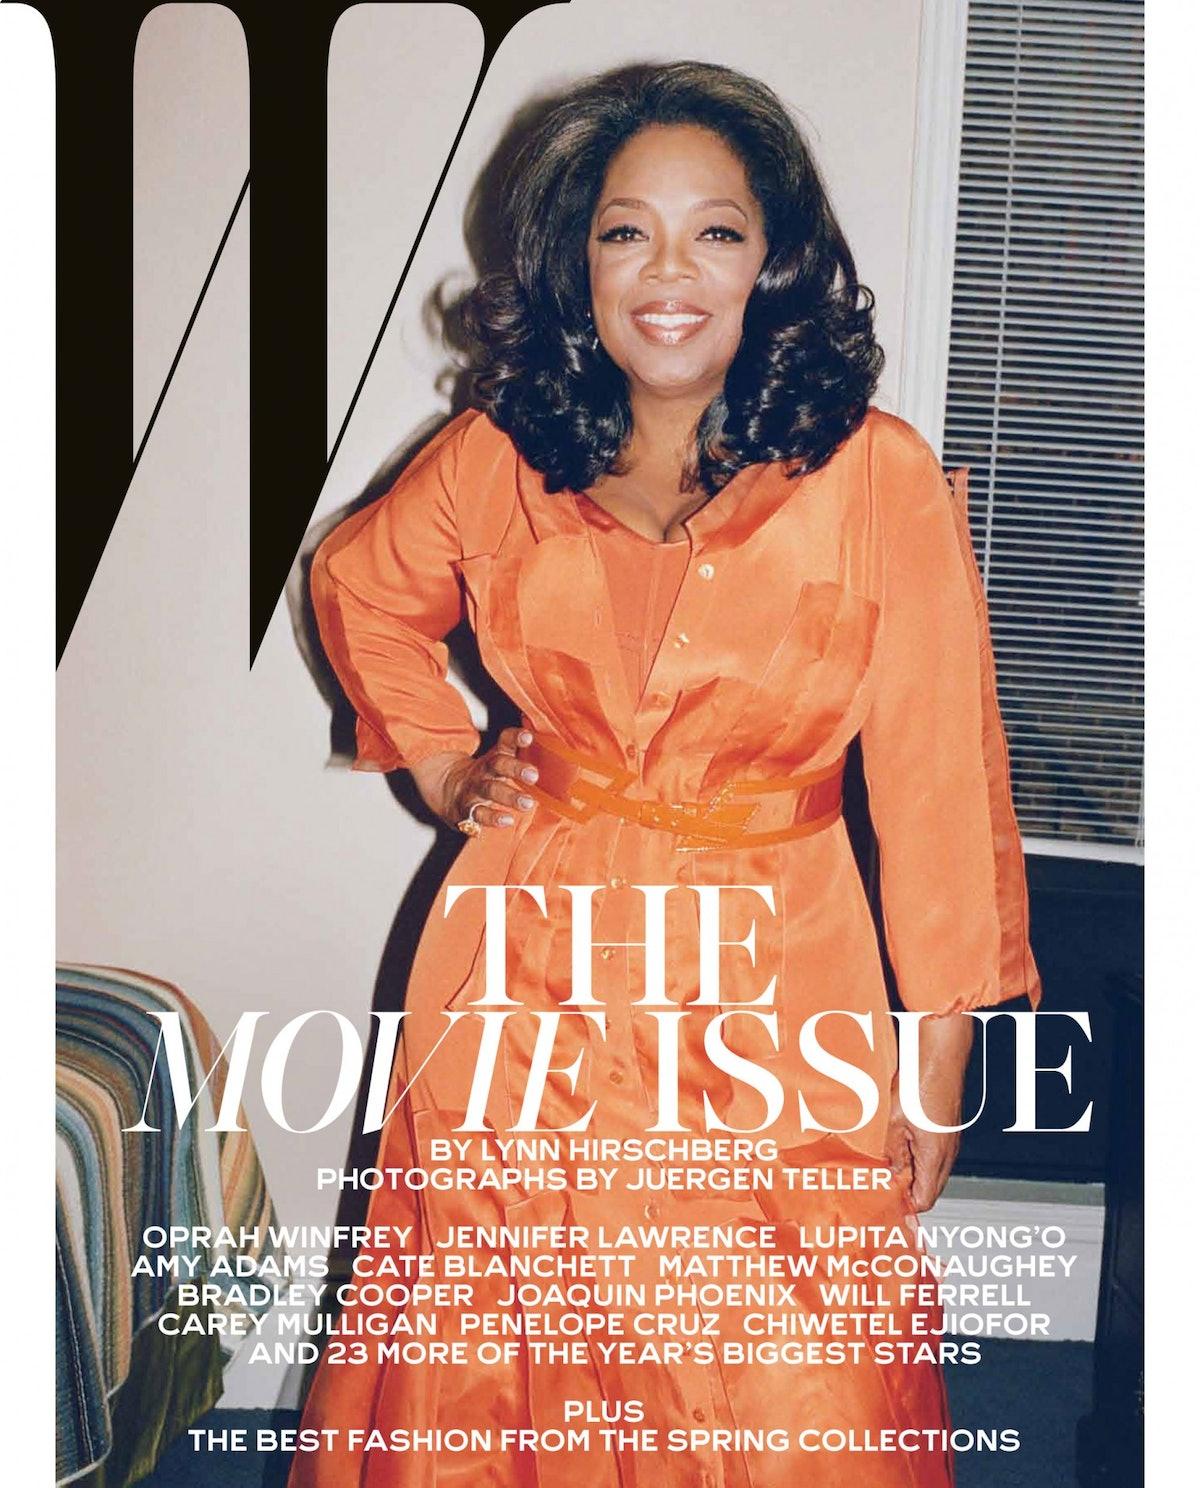 Oprah-1542x1912